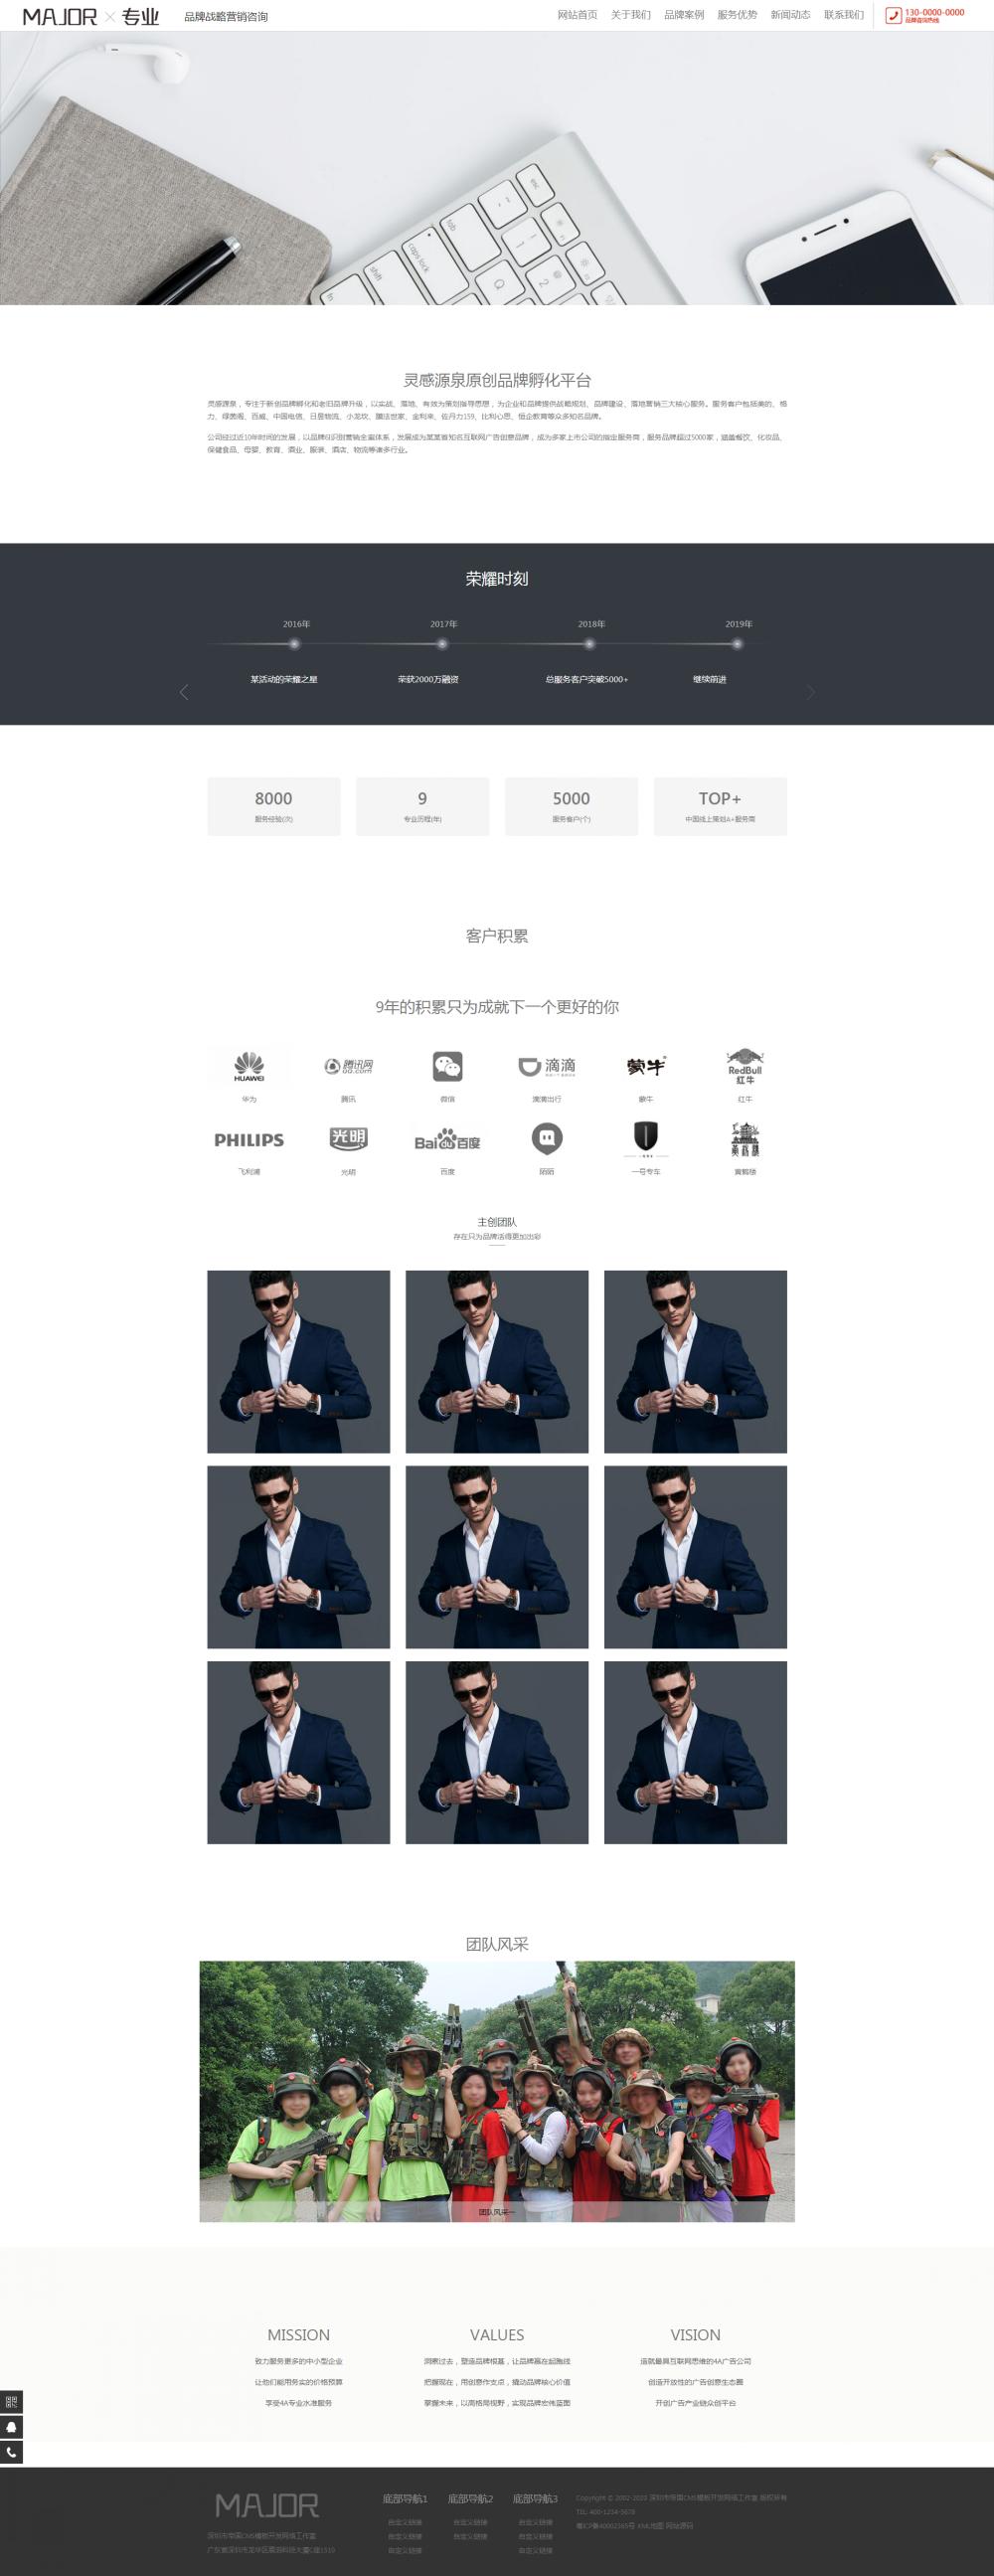 2关于我们.png [DG-116]响应式品牌战略营销设计帝国mcs模板 HTML5品牌策划设计类帝国网站源码 企业模板 第2张